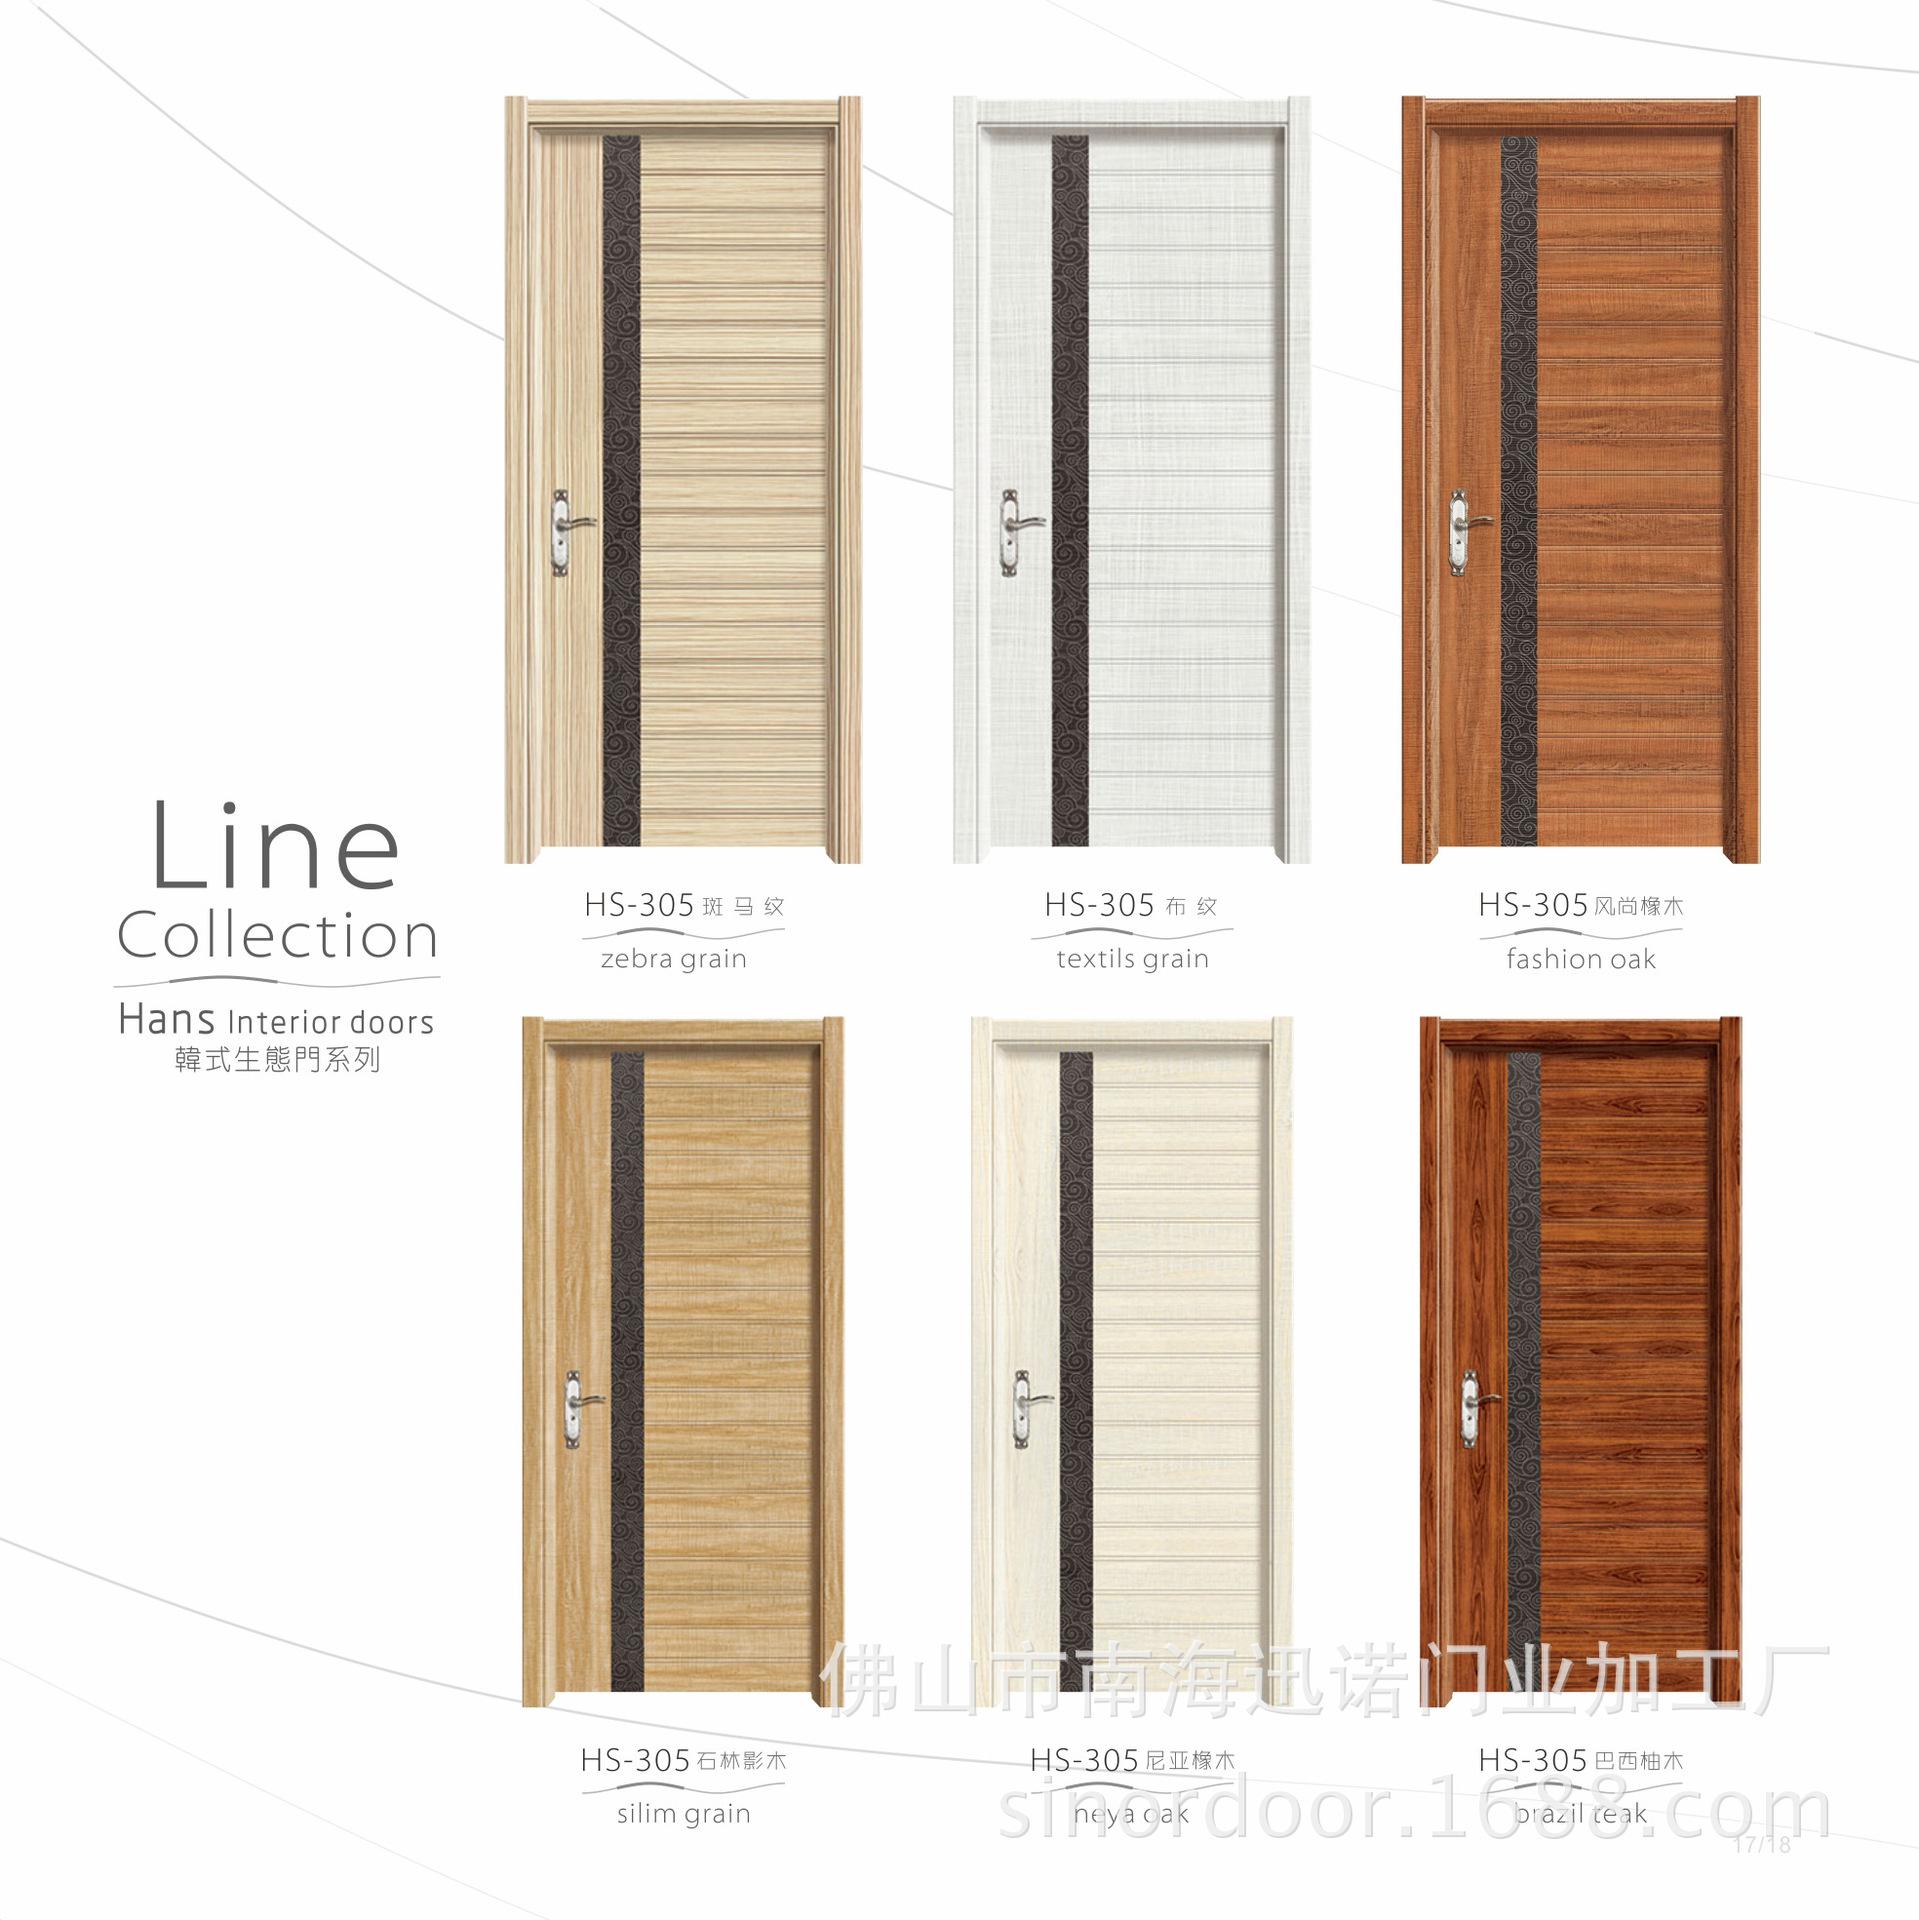 迅诺门厂供应实木家居用门环保免漆套装门高档室内门批发零售外贸